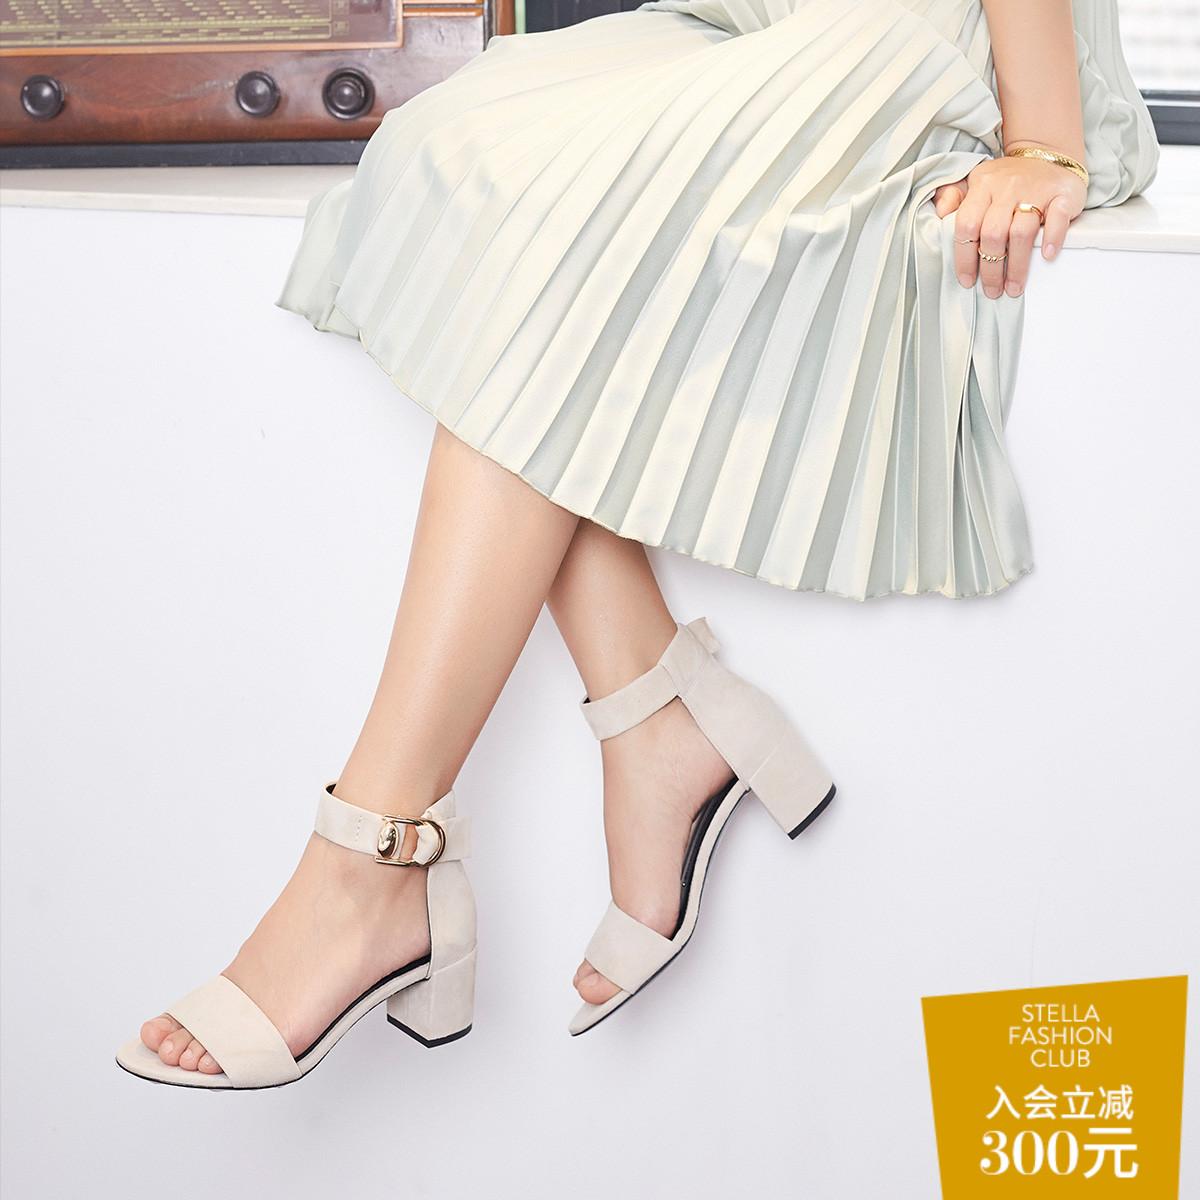 STELLA LUNA夏季圆头露趾中跟宴会女鞋金属一字扣粗跟时尚凉鞋